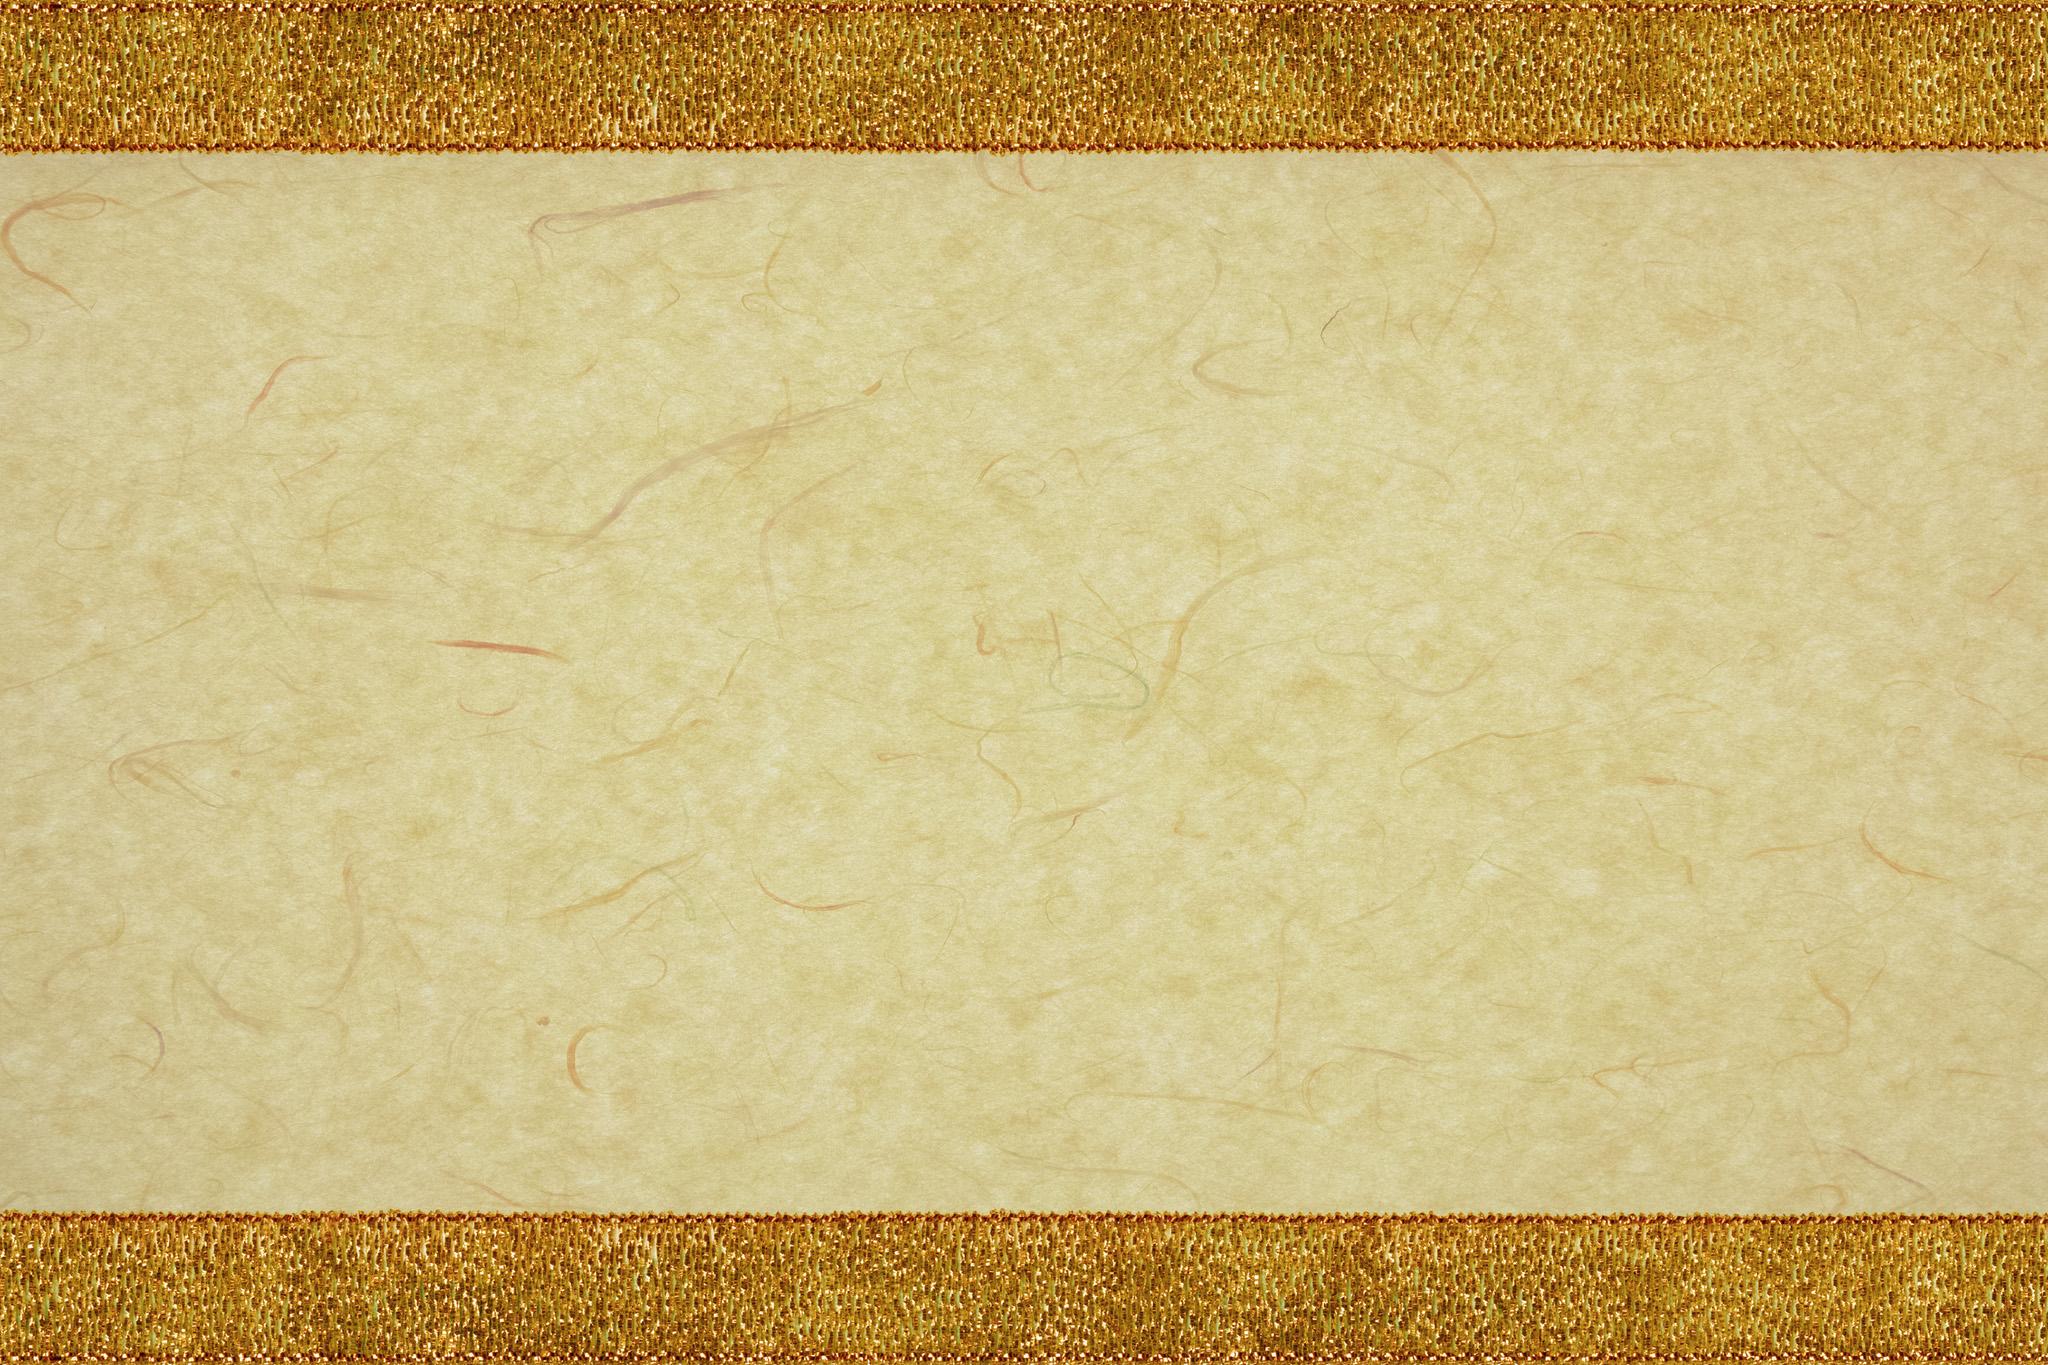 「和紙に金帯の和風フレーム」の背景を無料ダウンロード